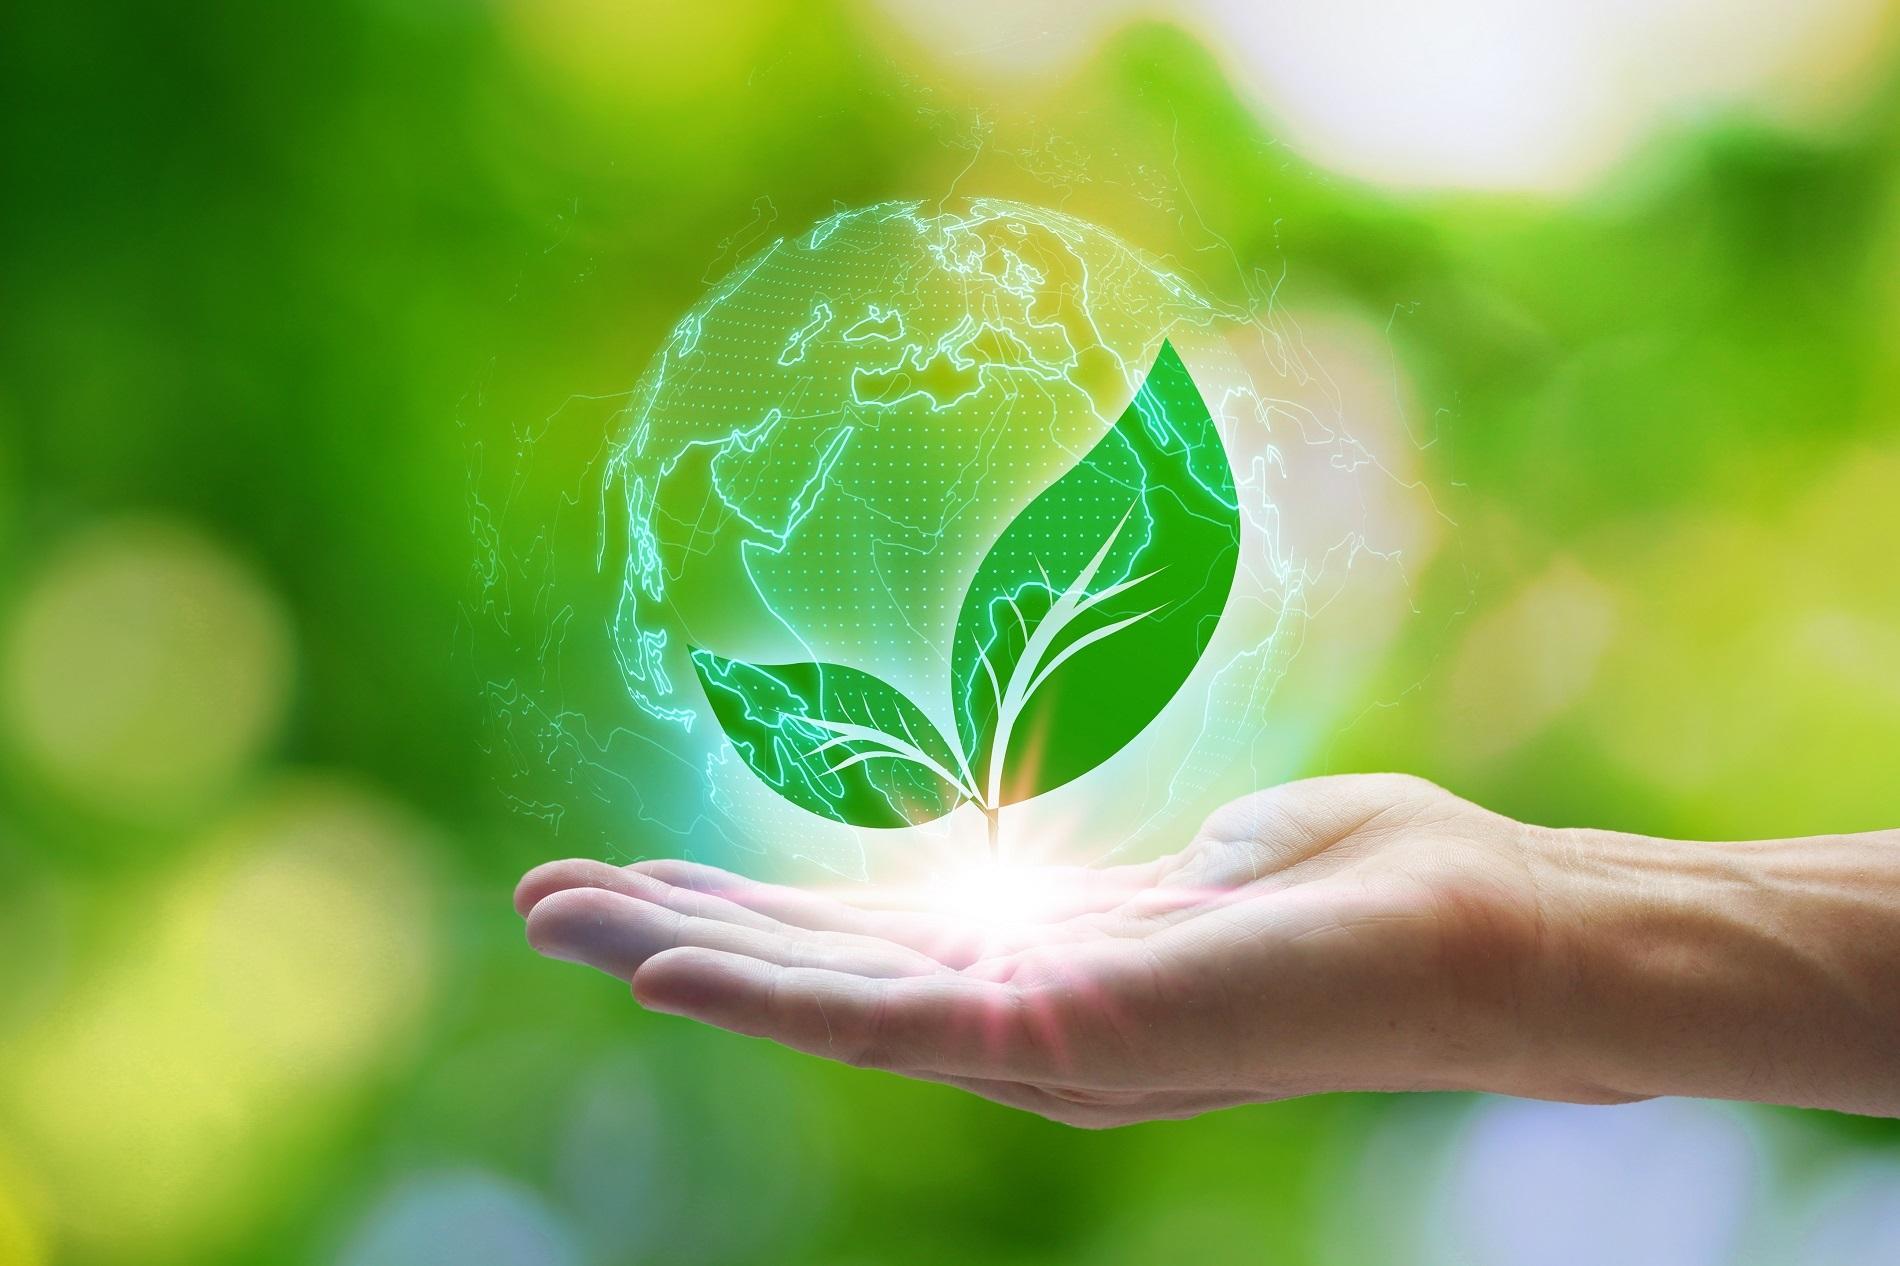 Buenas prácticas agrícolas: Reciclaje de residuos